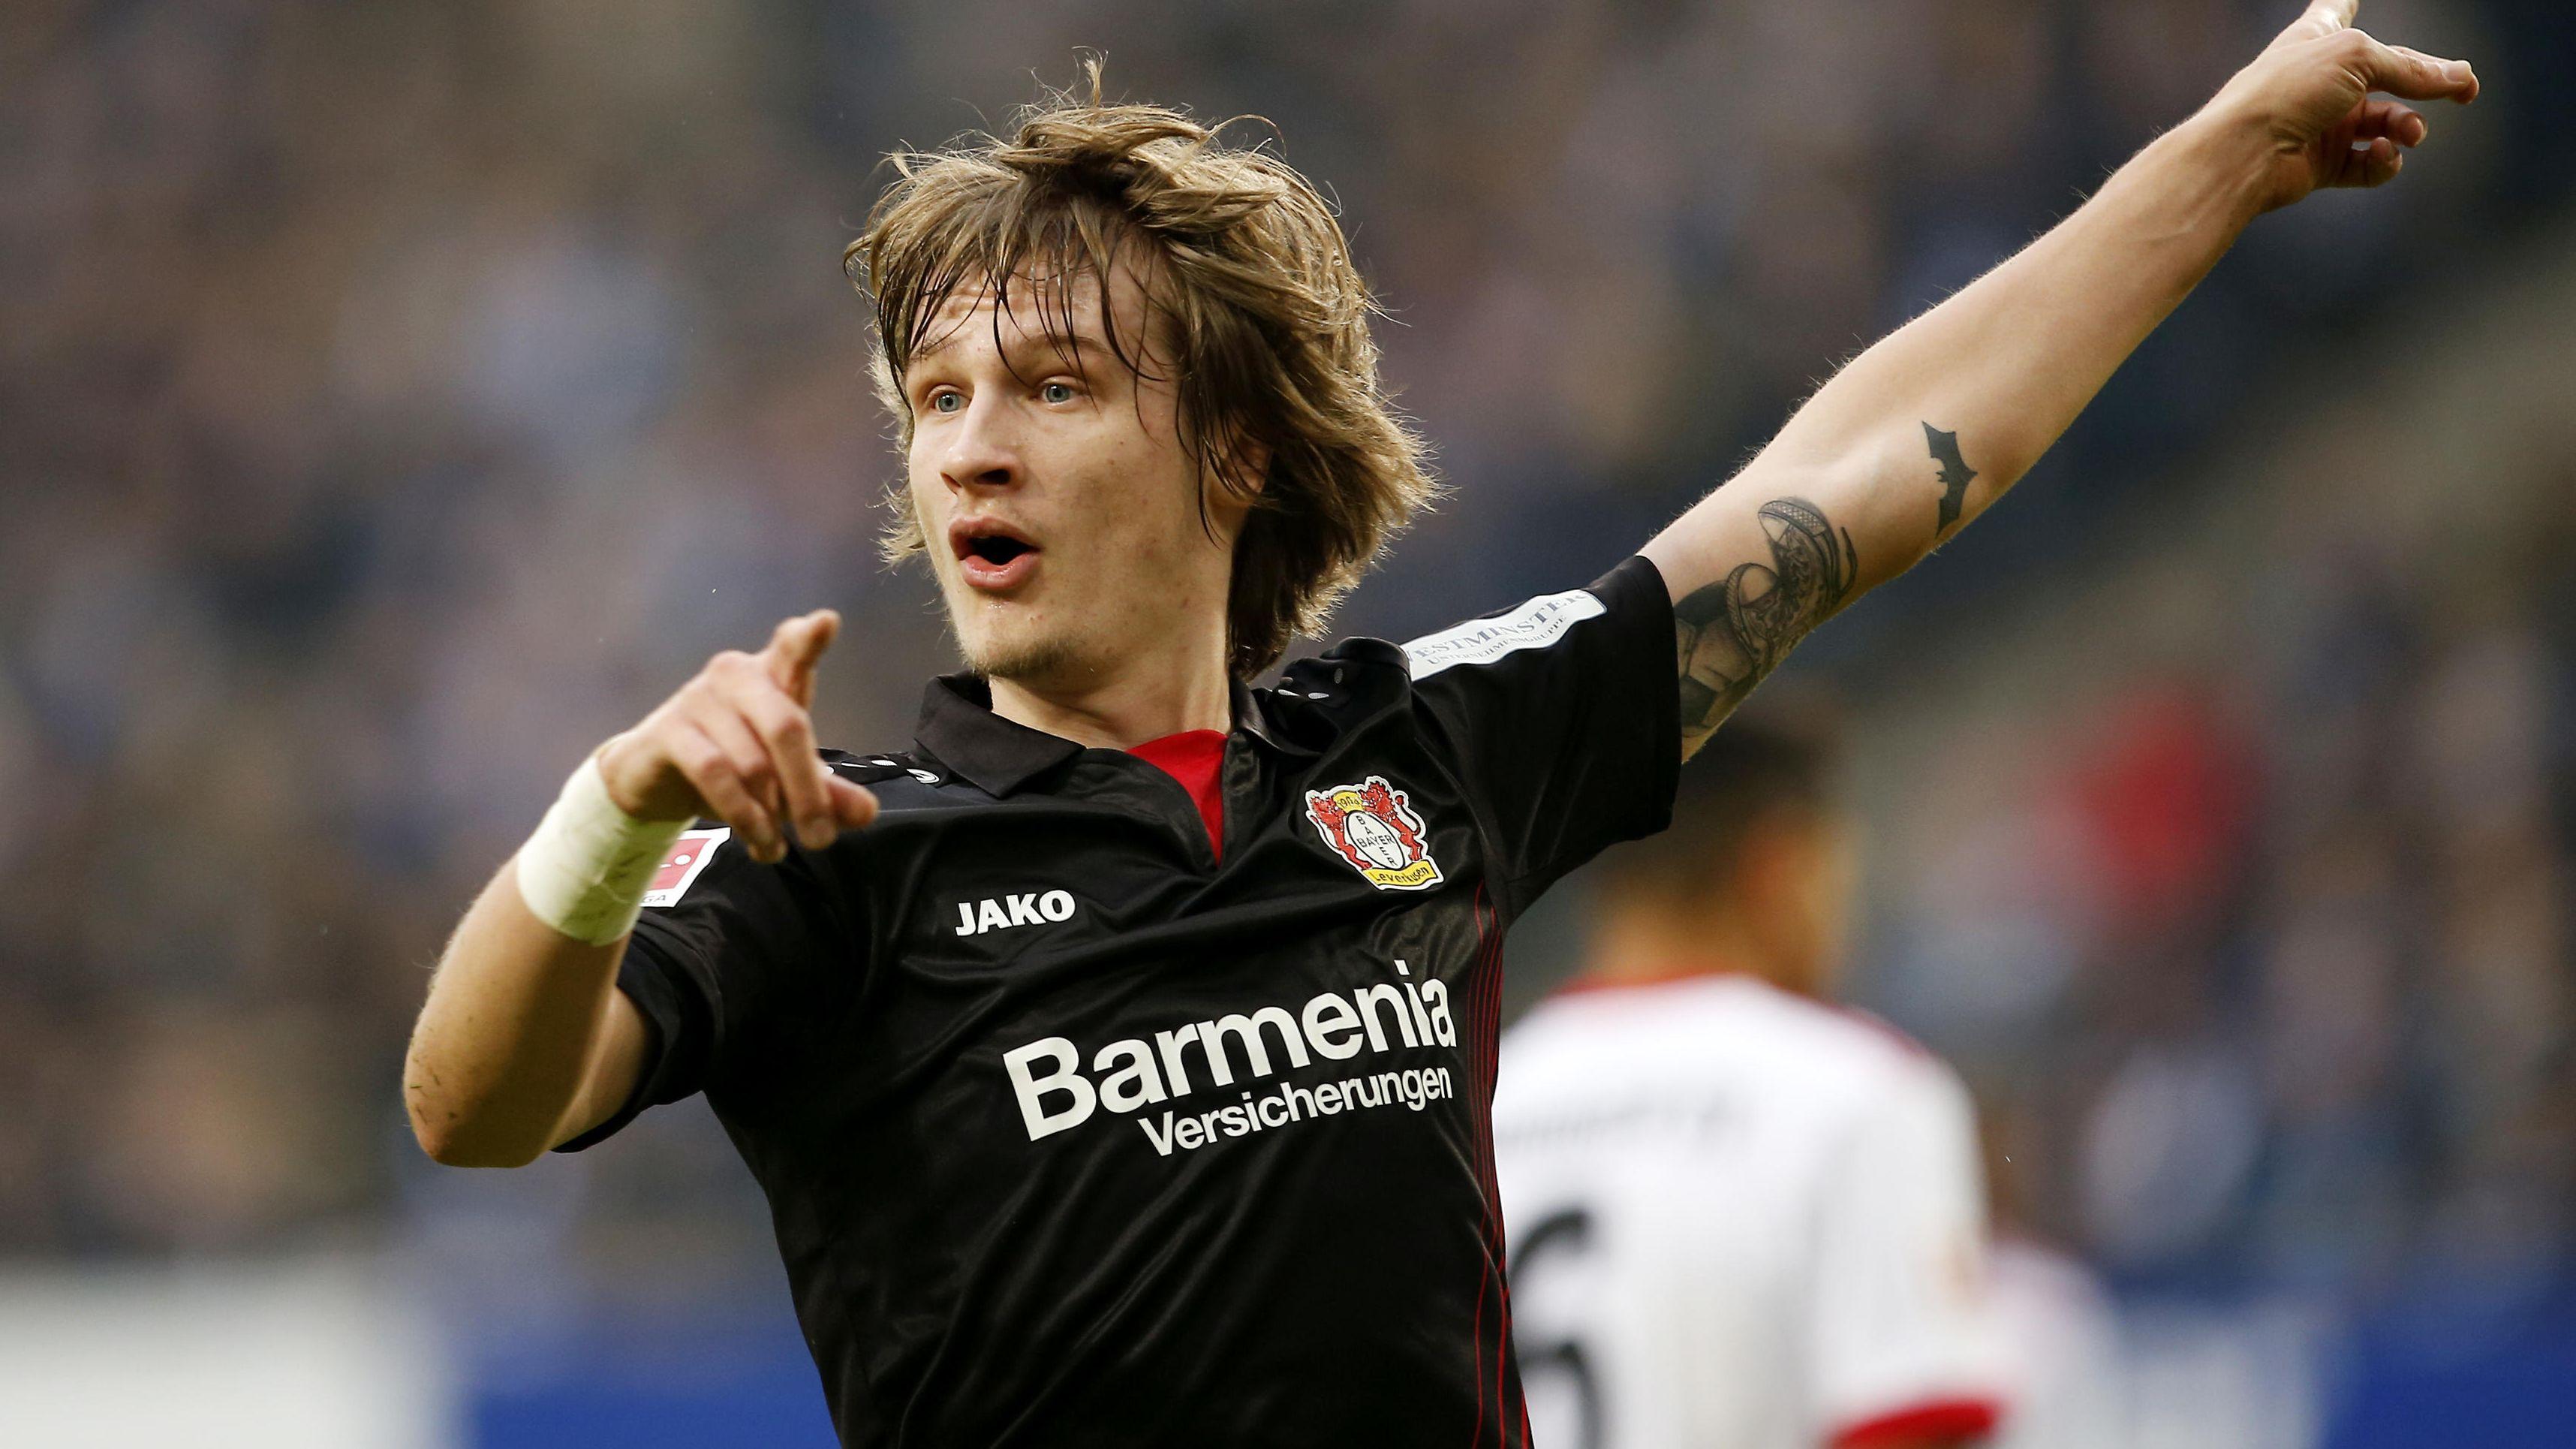 Tin Jedvaj kommt von Bayer Leverkusen nach Augsburg